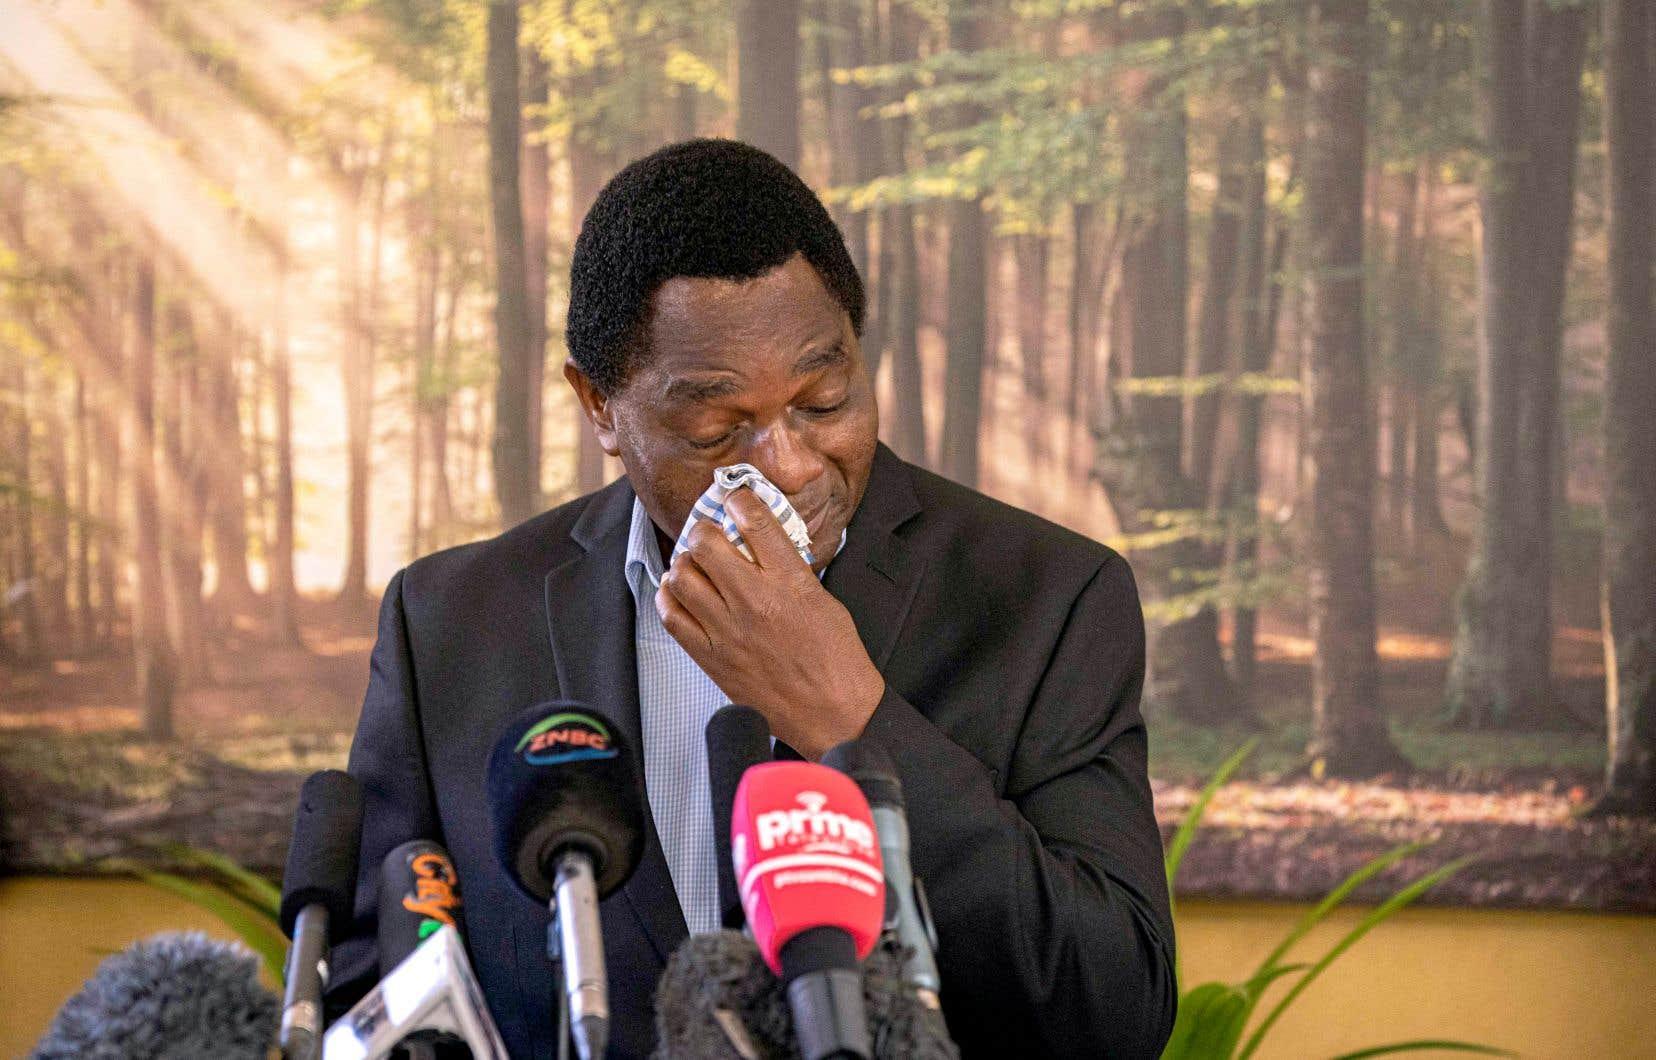 Debout derrière un pupitre, Hakainde Hichilema a été submergé par l'émotion au moment de prendre la parole, retirant son masque et s'essuyant les yeux.